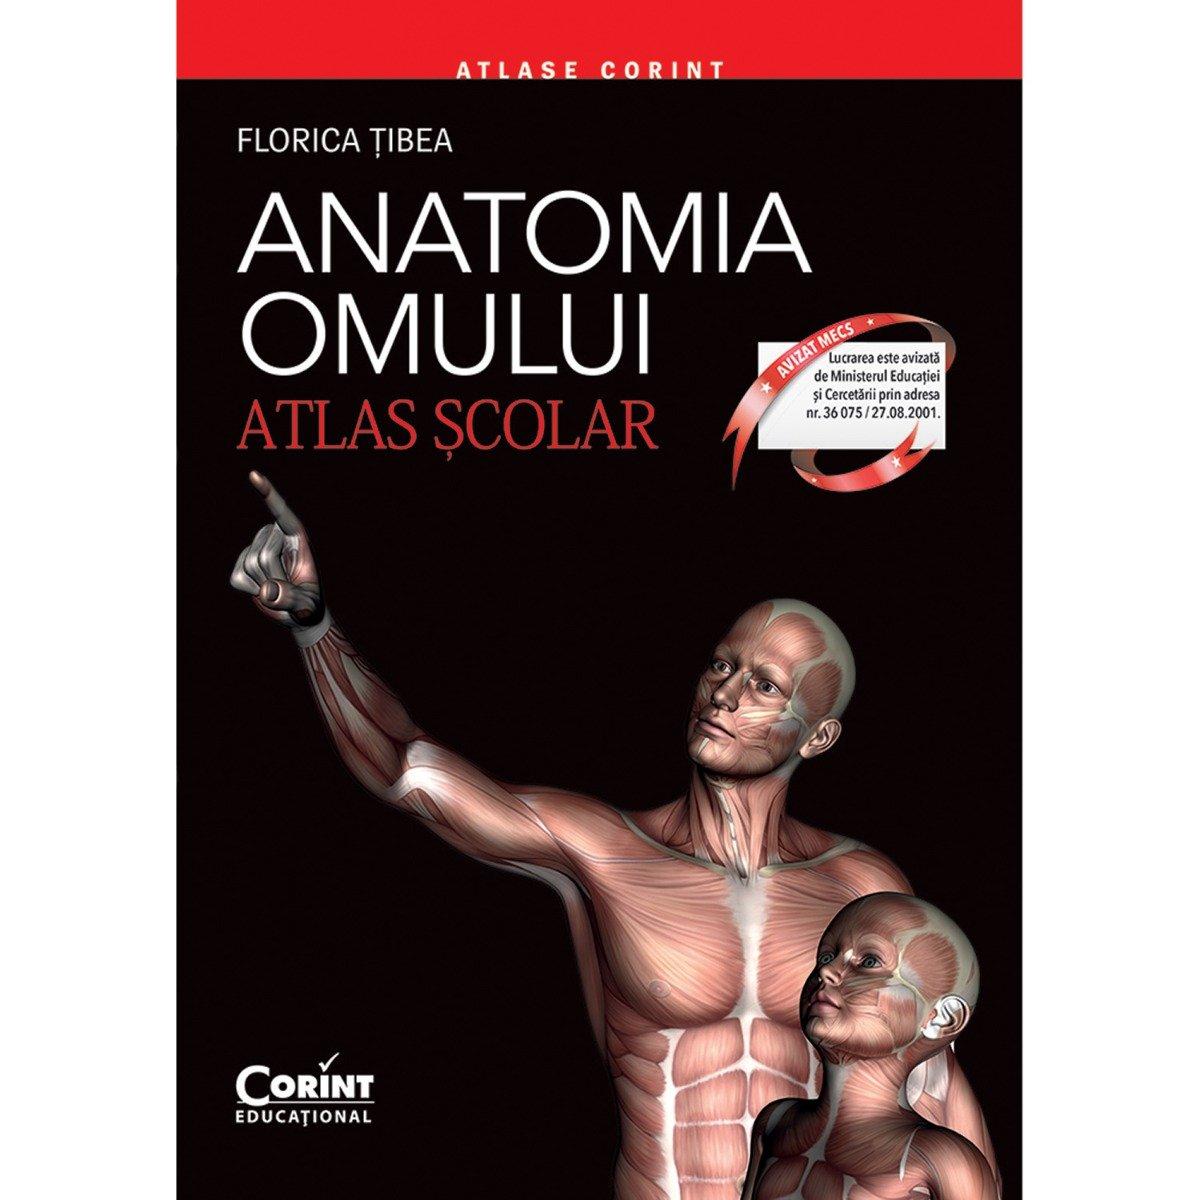 Carte Editura Corint, Atlas scolar anatomia omului - editie revizuita, Florica Tibea